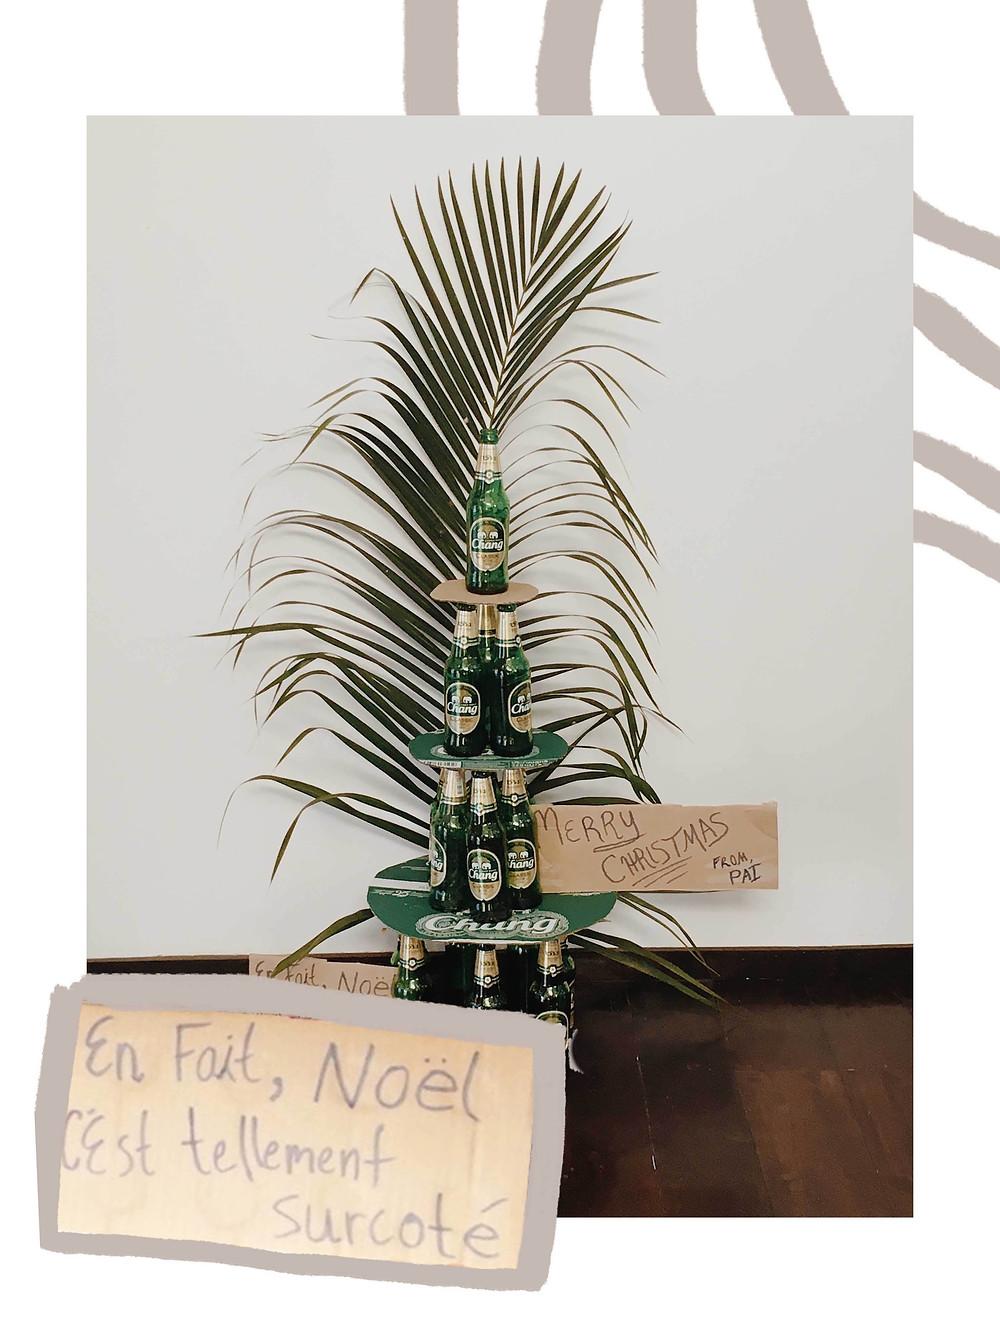 Beer-mas tree in Pai